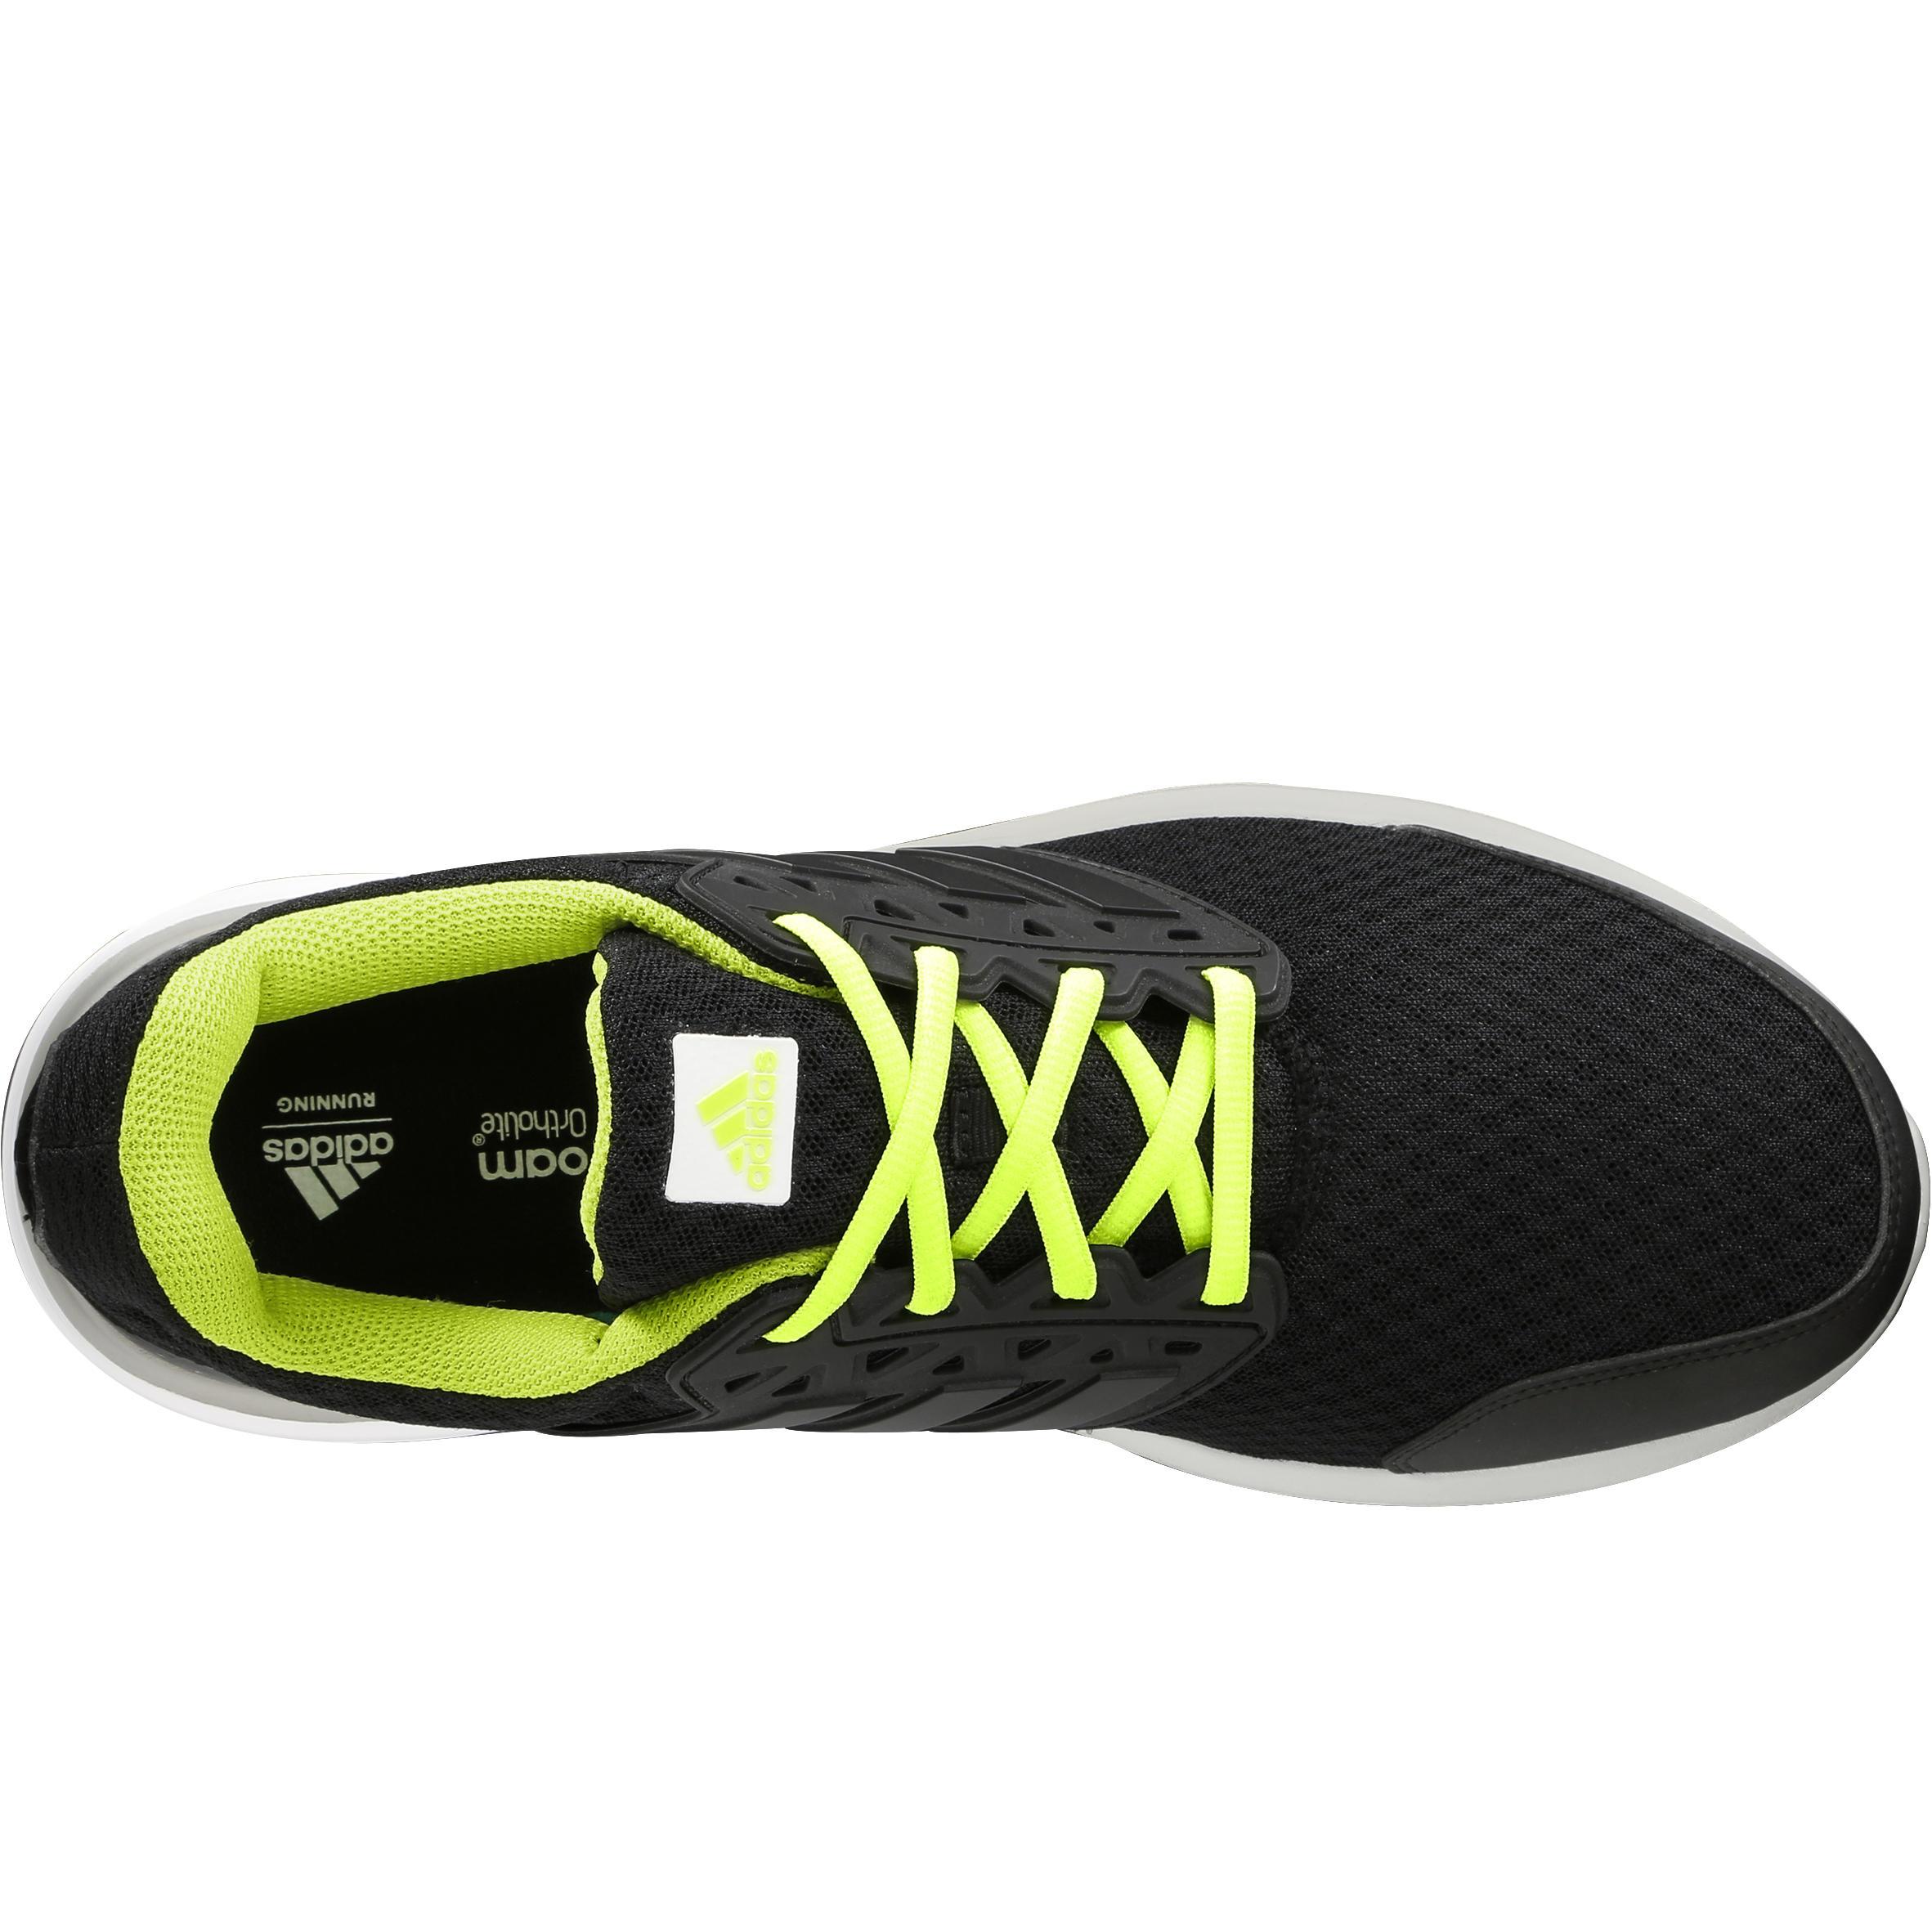 Hardloopschoenen voor heren Adidas Galaxy Elite zwart-geel